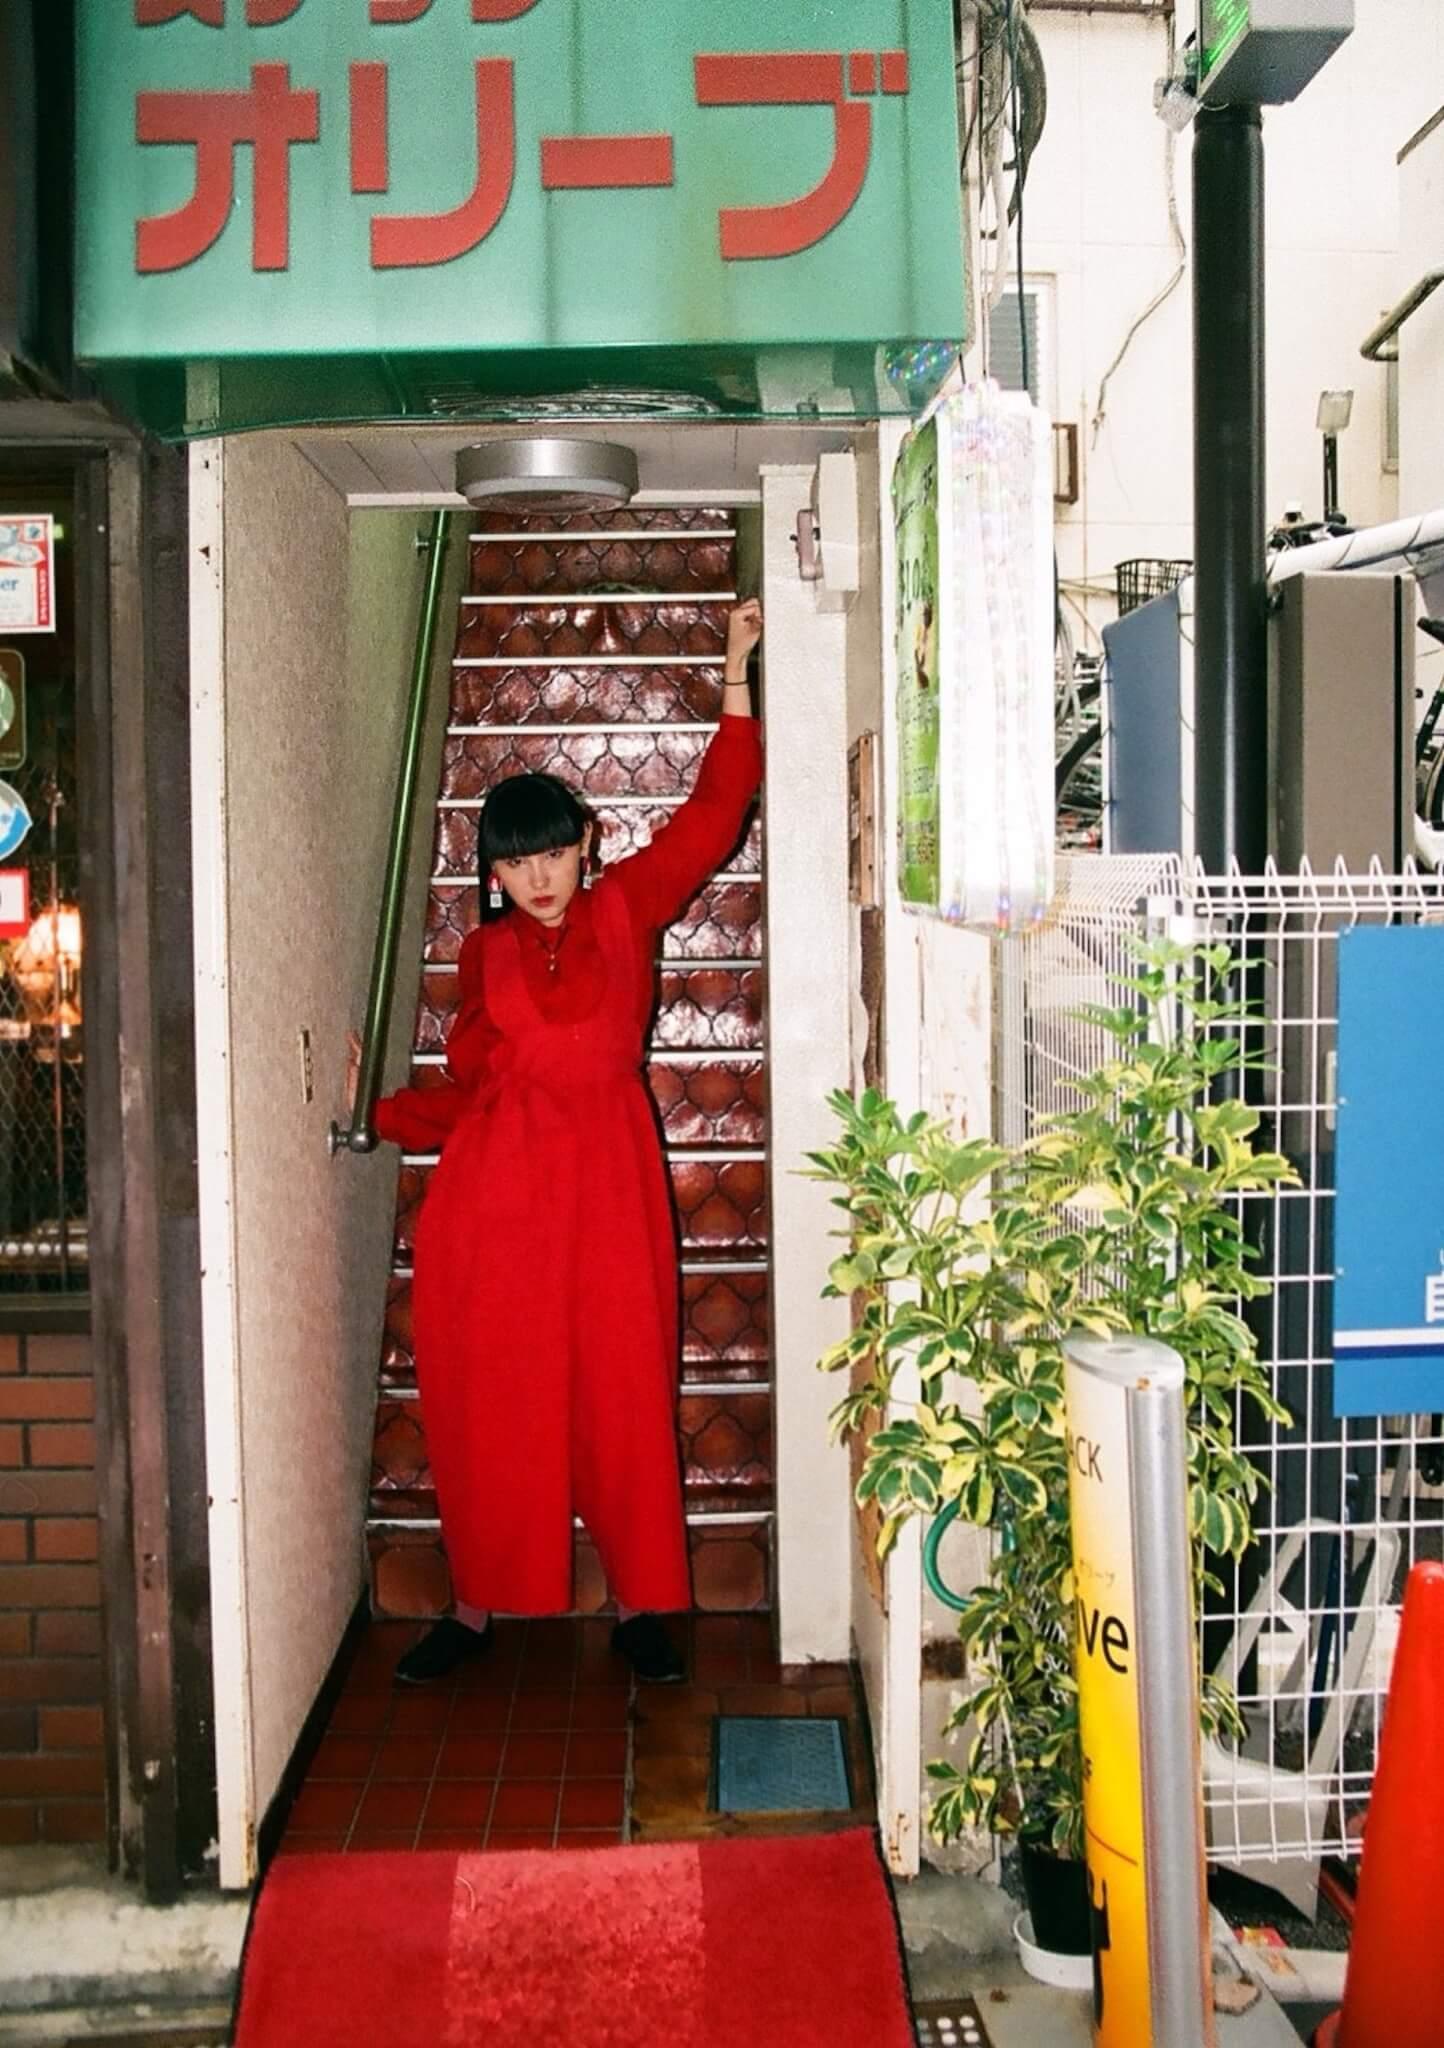 どうも東京の人にはなれなかったらしい|生き息コンプレックス rarara-complex-5